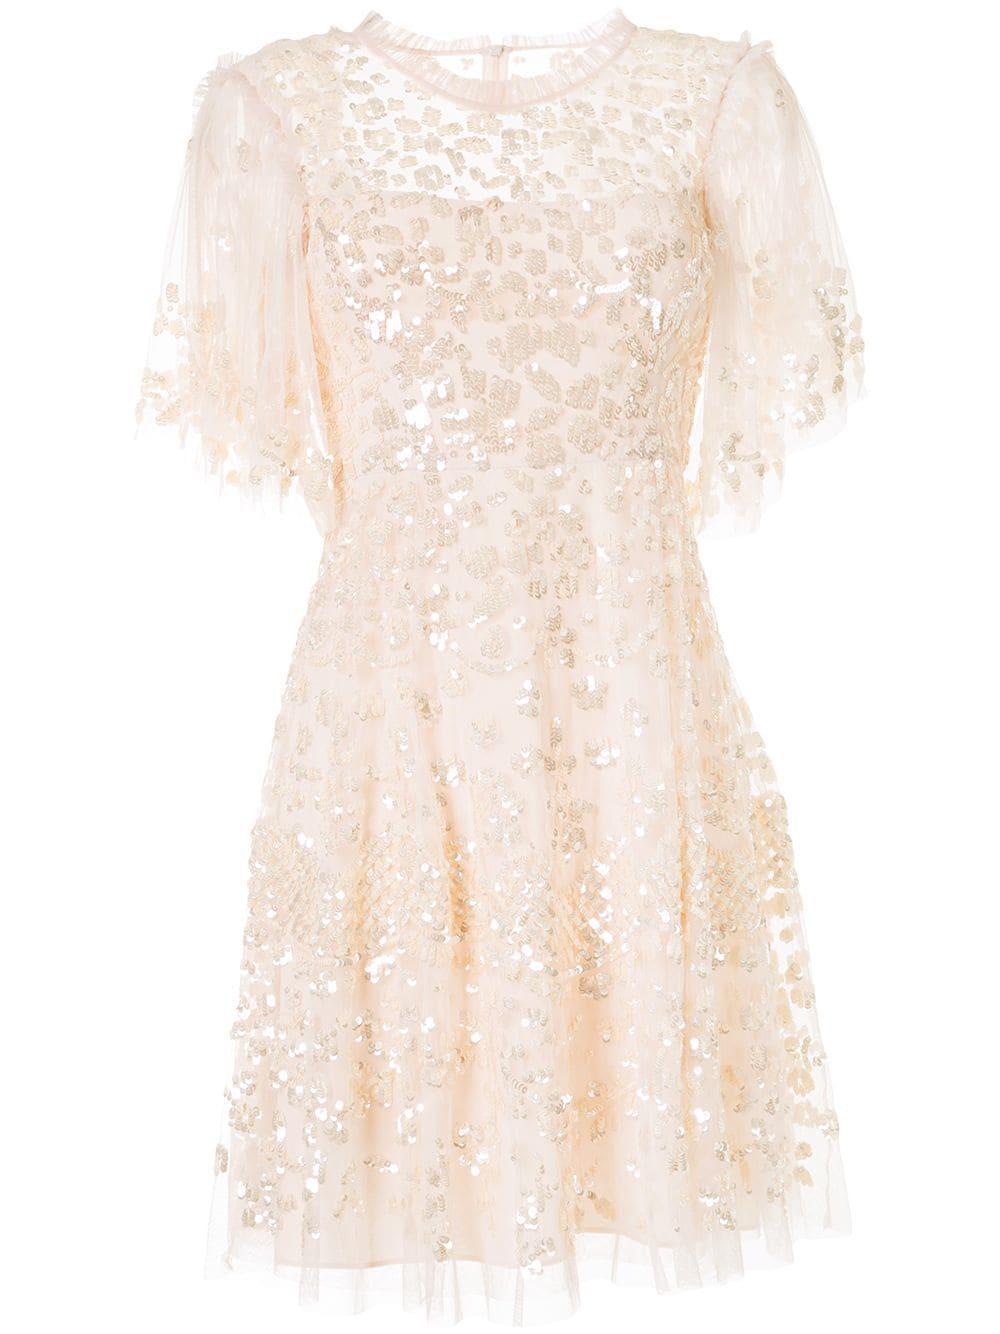 Honesty Flower Dress Item # DMSS14RSS30MPK